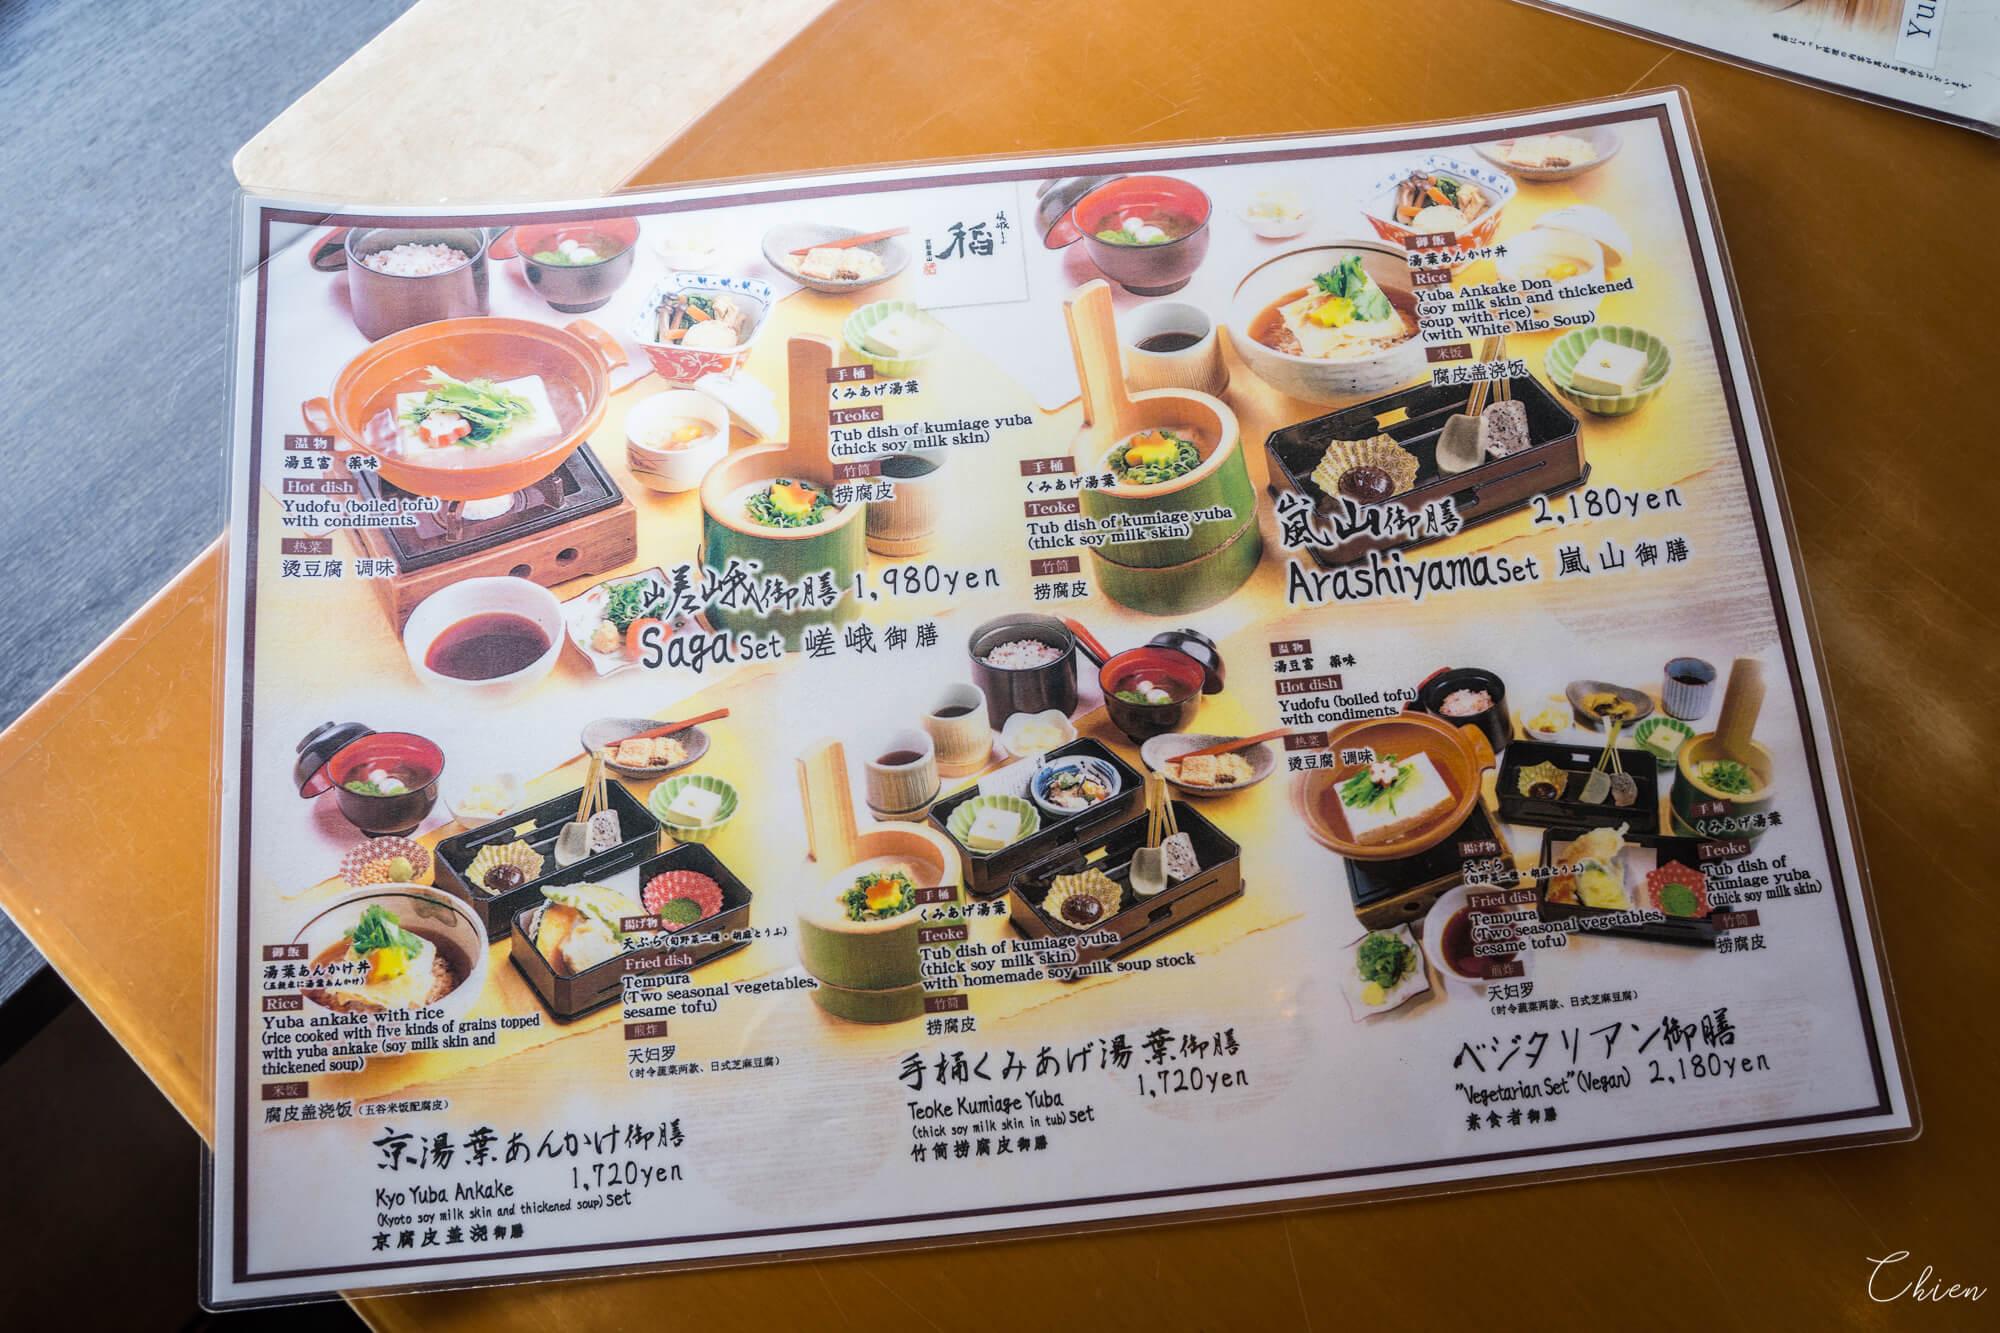 京都嵐山美食「嵯峨とうふ 稲」菜單